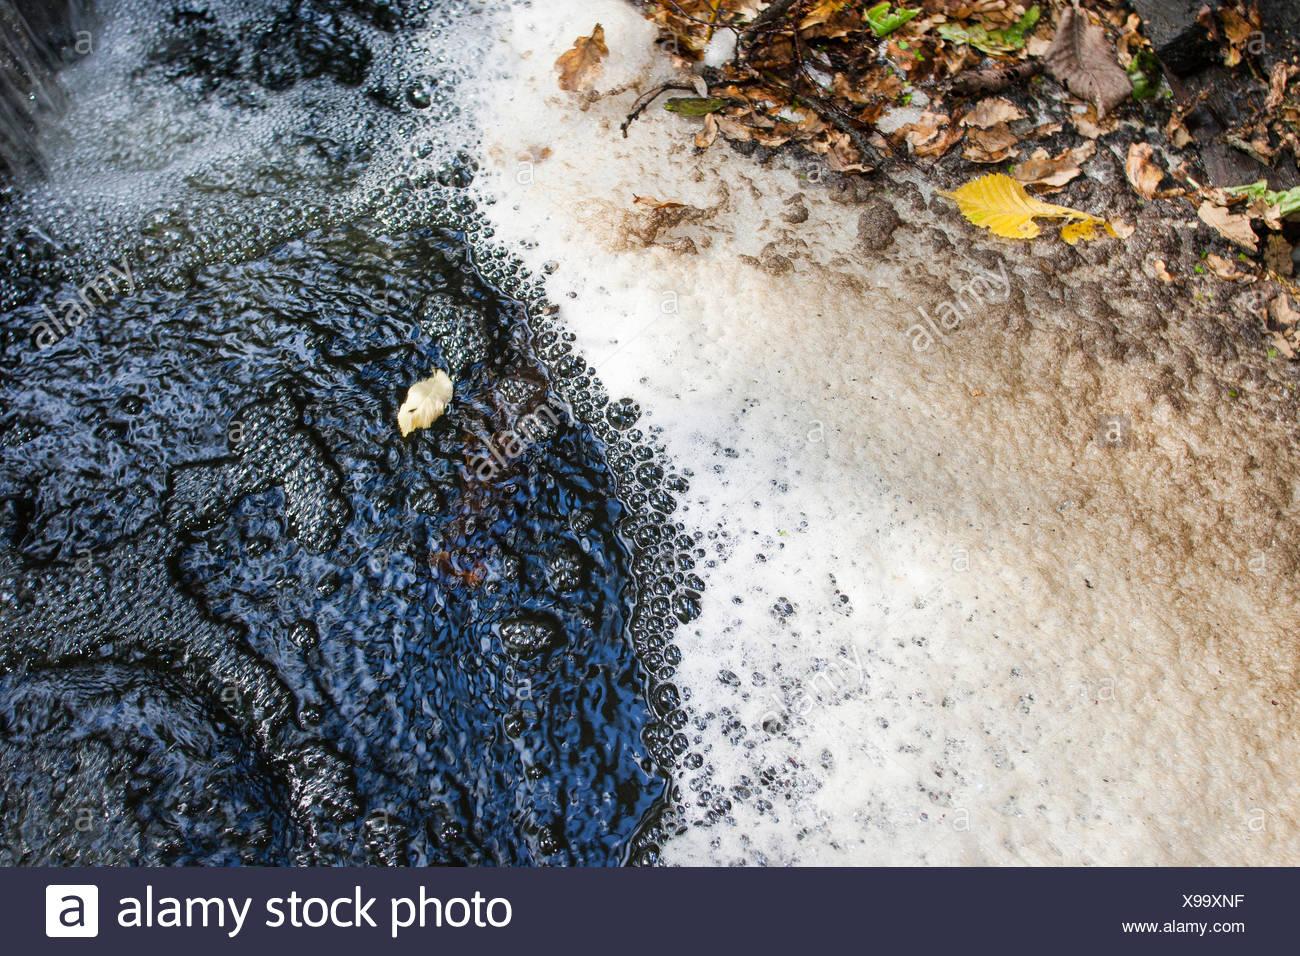 foam in a creek, Germany - Stock Image